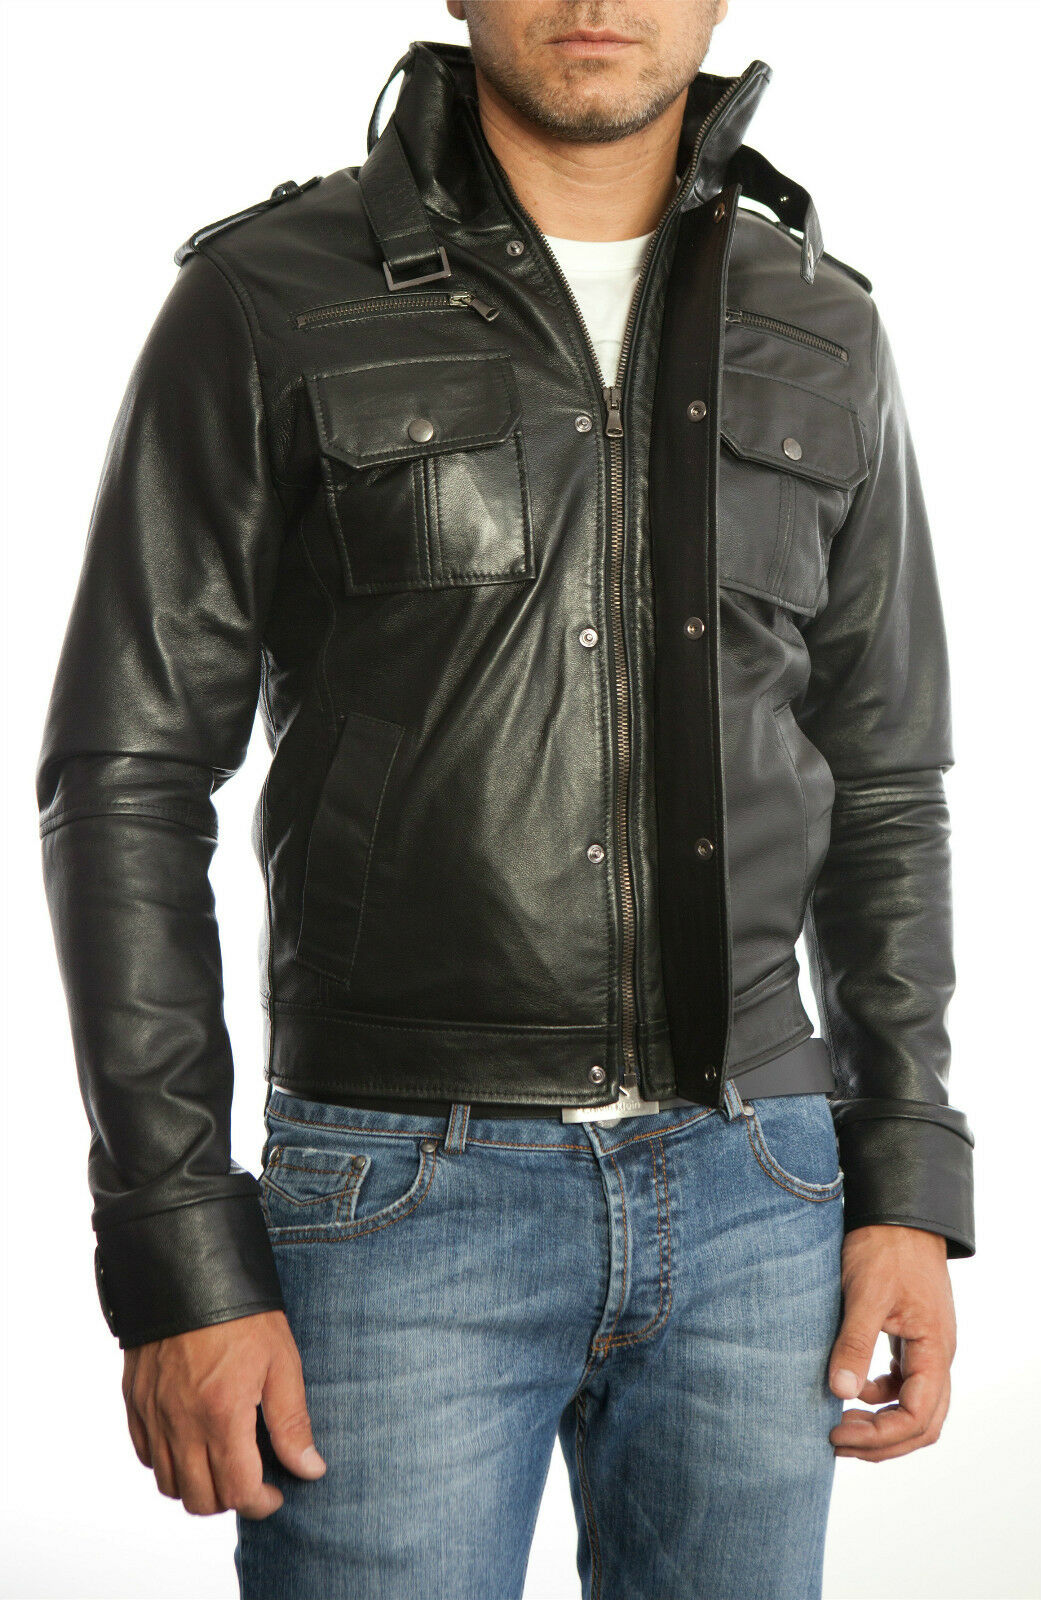 DE Herren Lederjacke Biker Férfi bőrdzseki kabát Homme Veste En cuir N6b